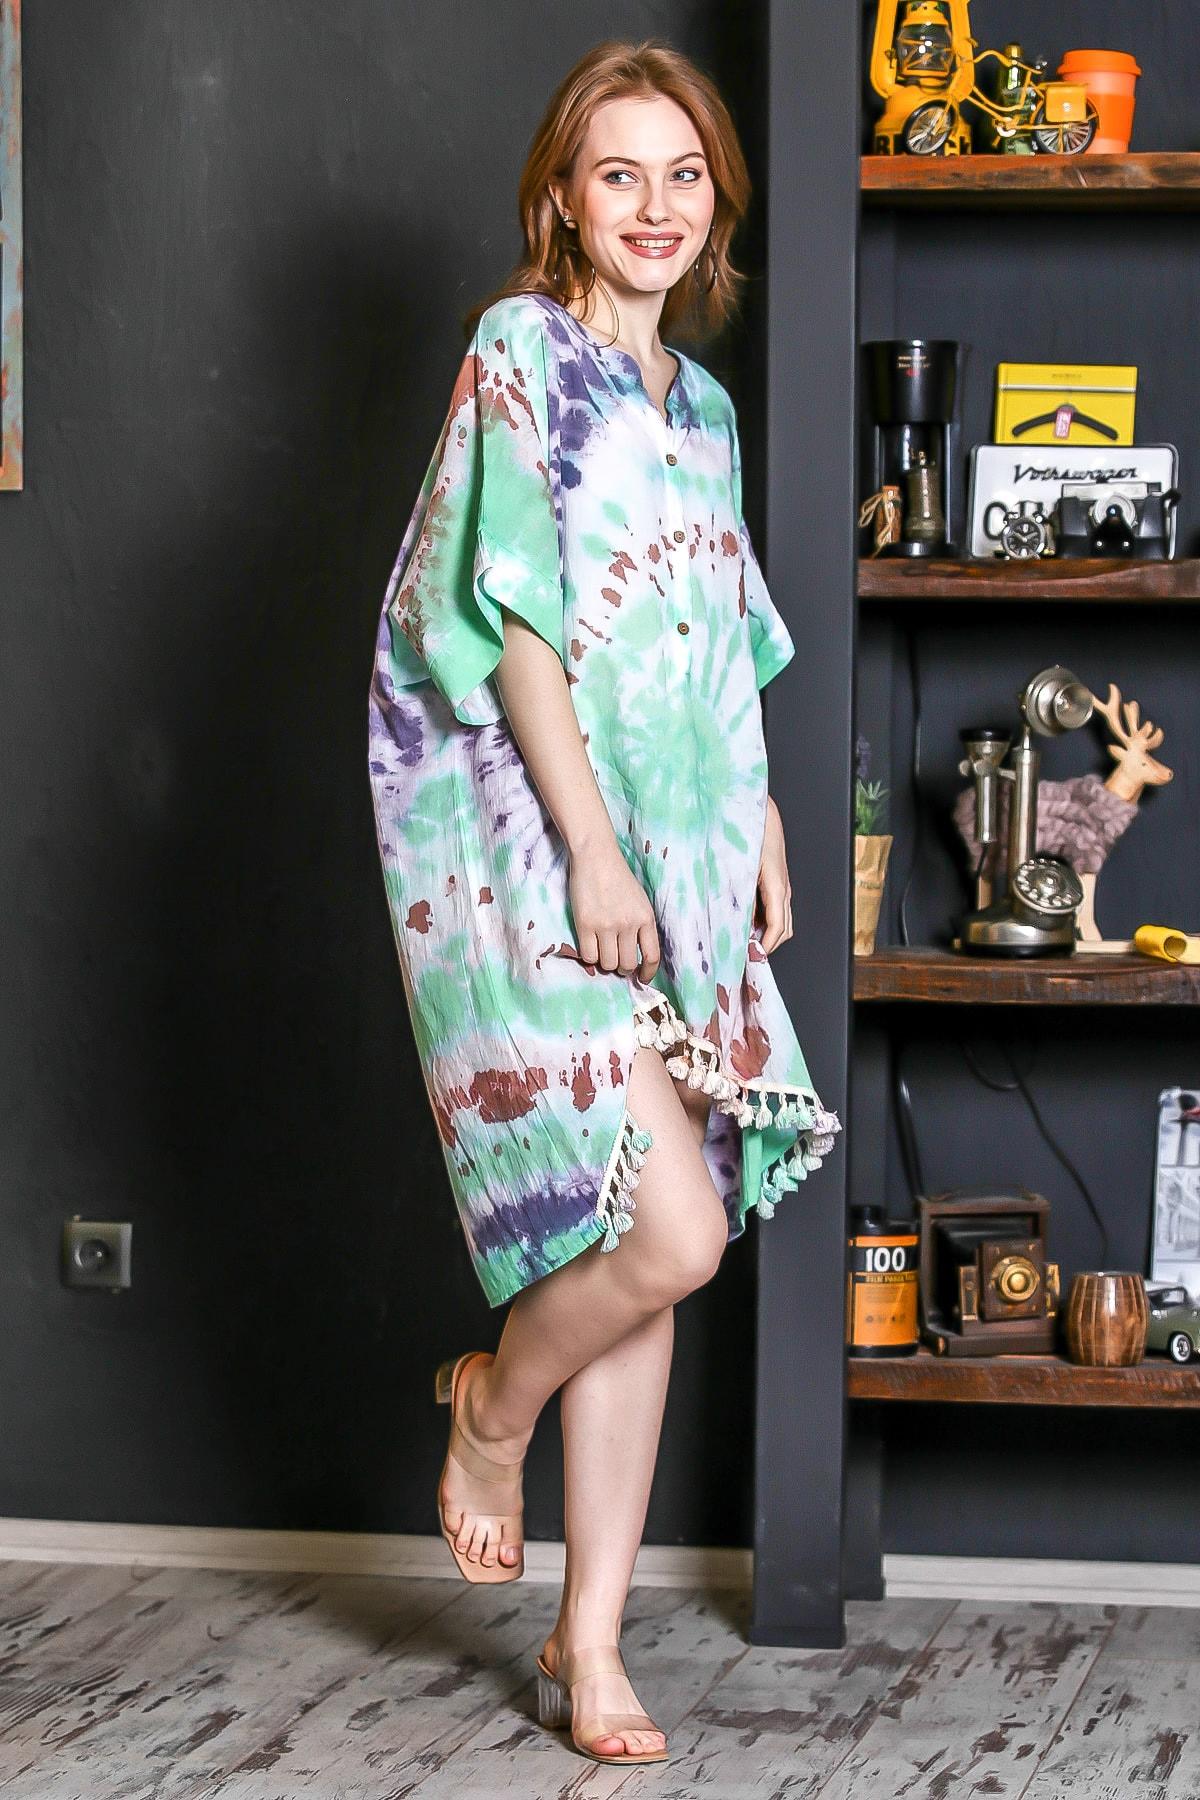 Chiccy Kadın Yeşil Patı Düğmeli Etek Ucu Püsküllü Batik Desen Salaş Elbise M10160000EL95224 3